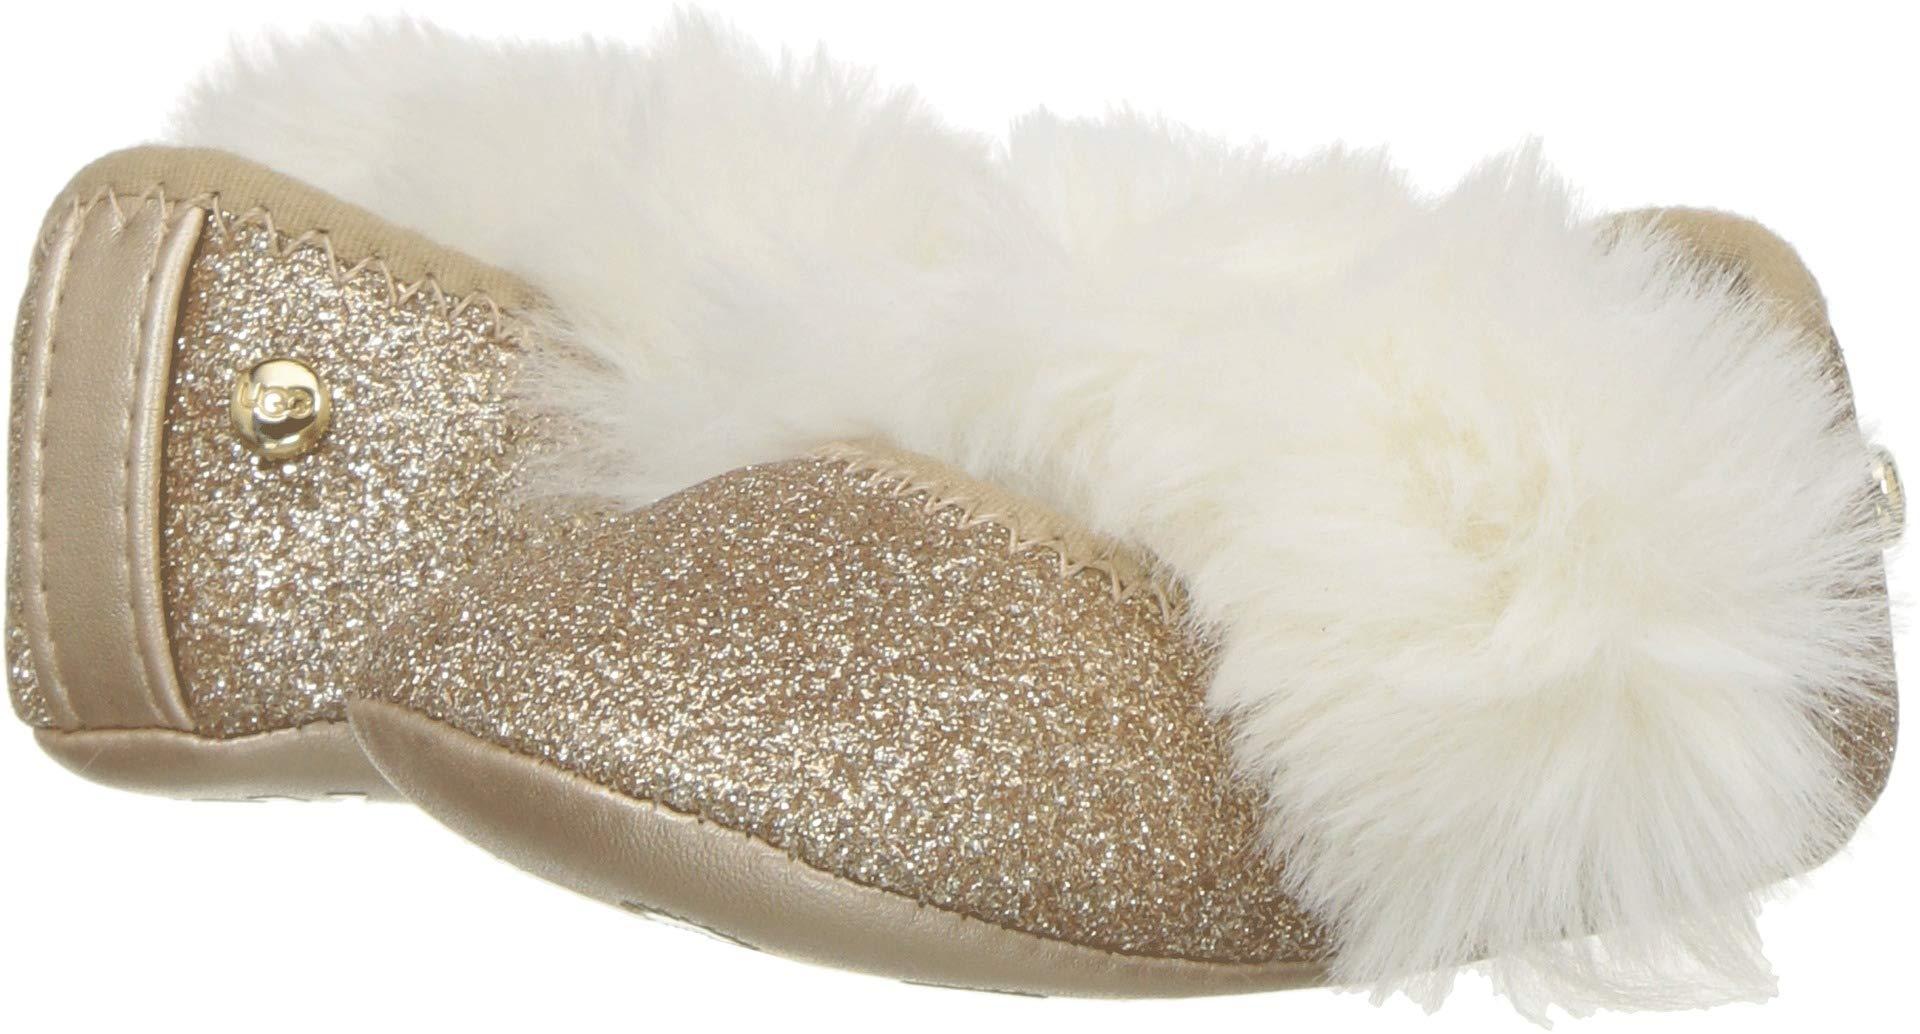 ویکالا · خرید  اصل اورجینال · خرید از آمازون · UGG Girls' I Fluff Glitter Ballet Flat, Gold, 2/3 M US Infant wekala · ویکالا